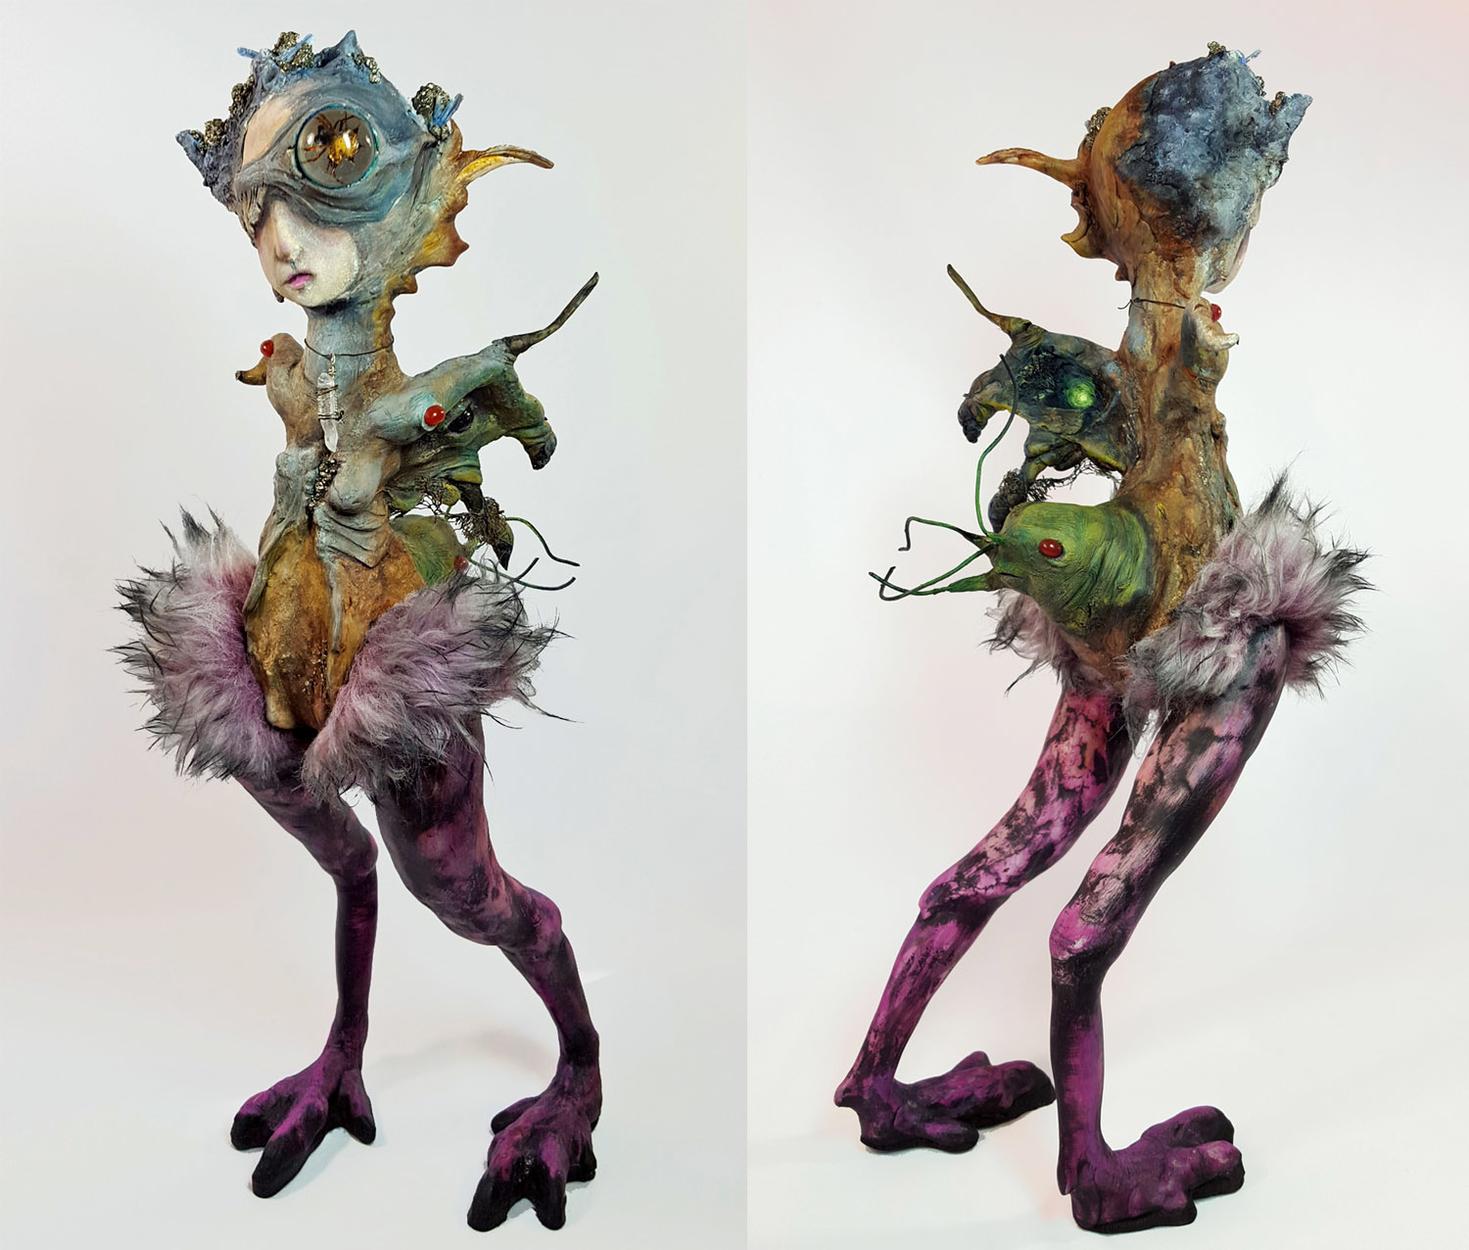 Shorm Artwork by Lisa Sprite Hansen